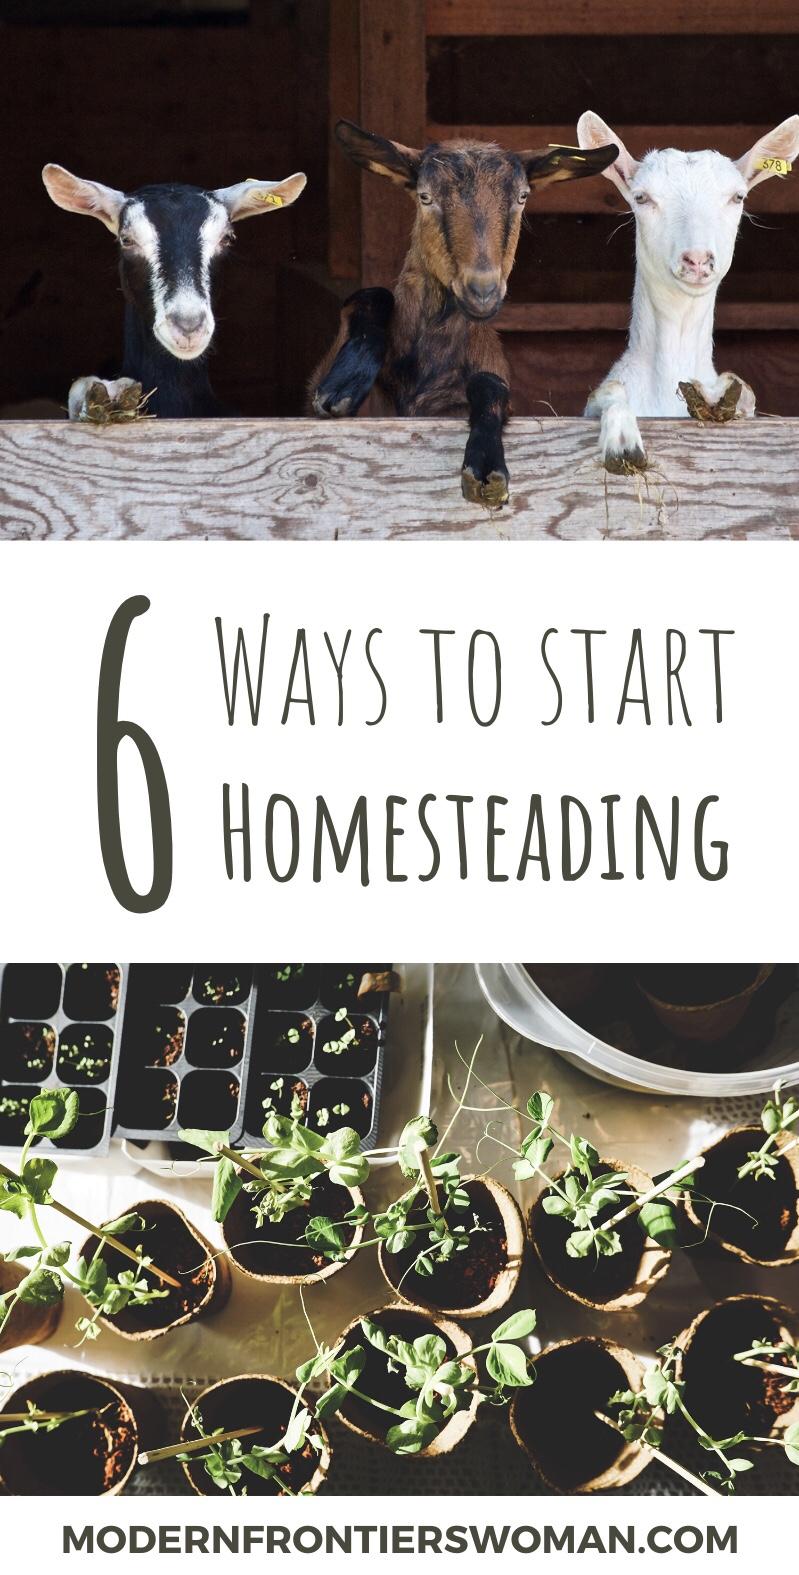 6 Ways to Start Homesteading